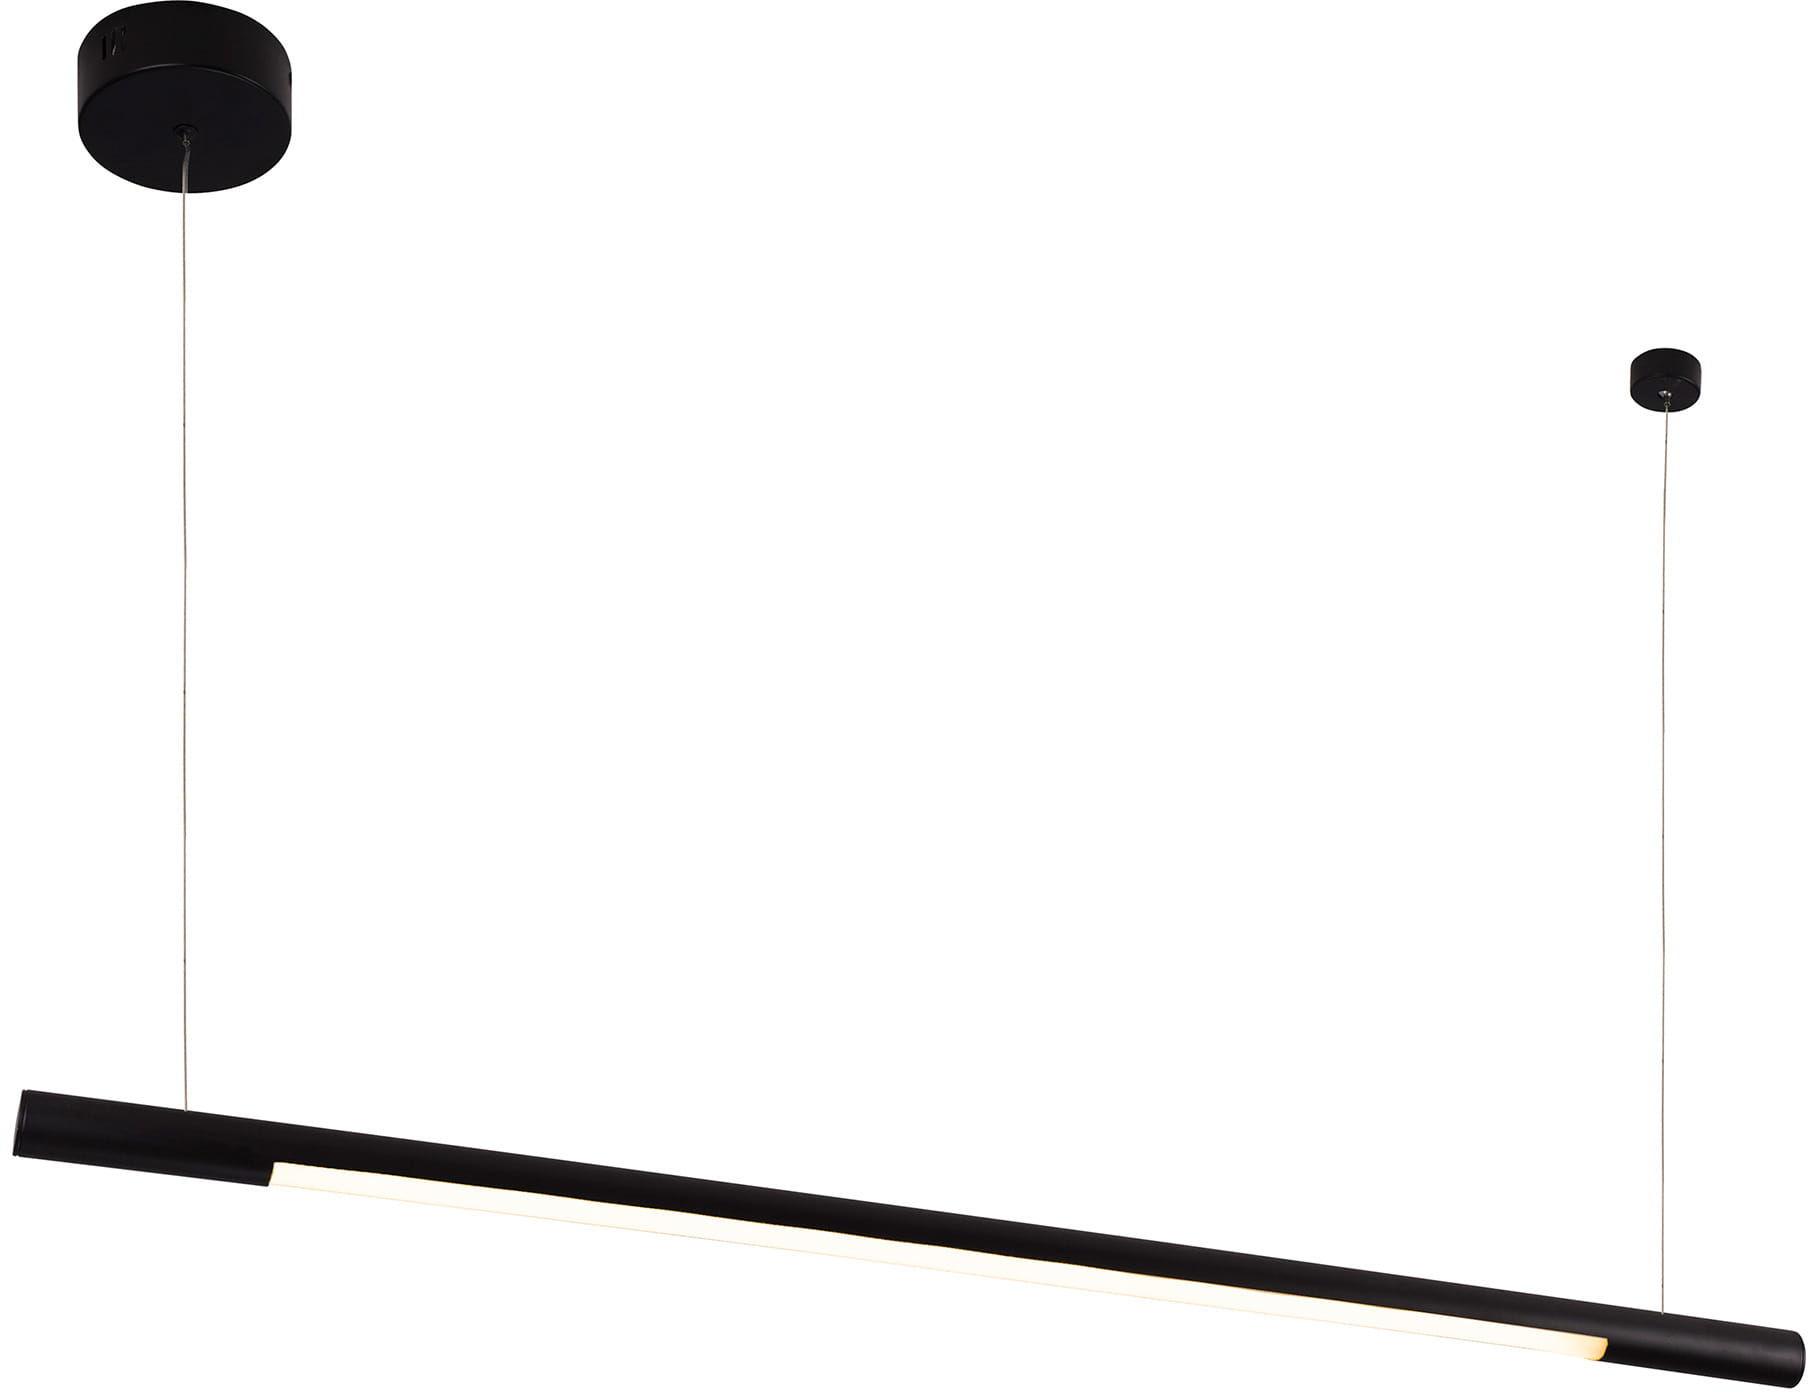 Lampa wisząca Organic Horizon P0354 Maxlight pojedyncza czarna oprawa sufitowa